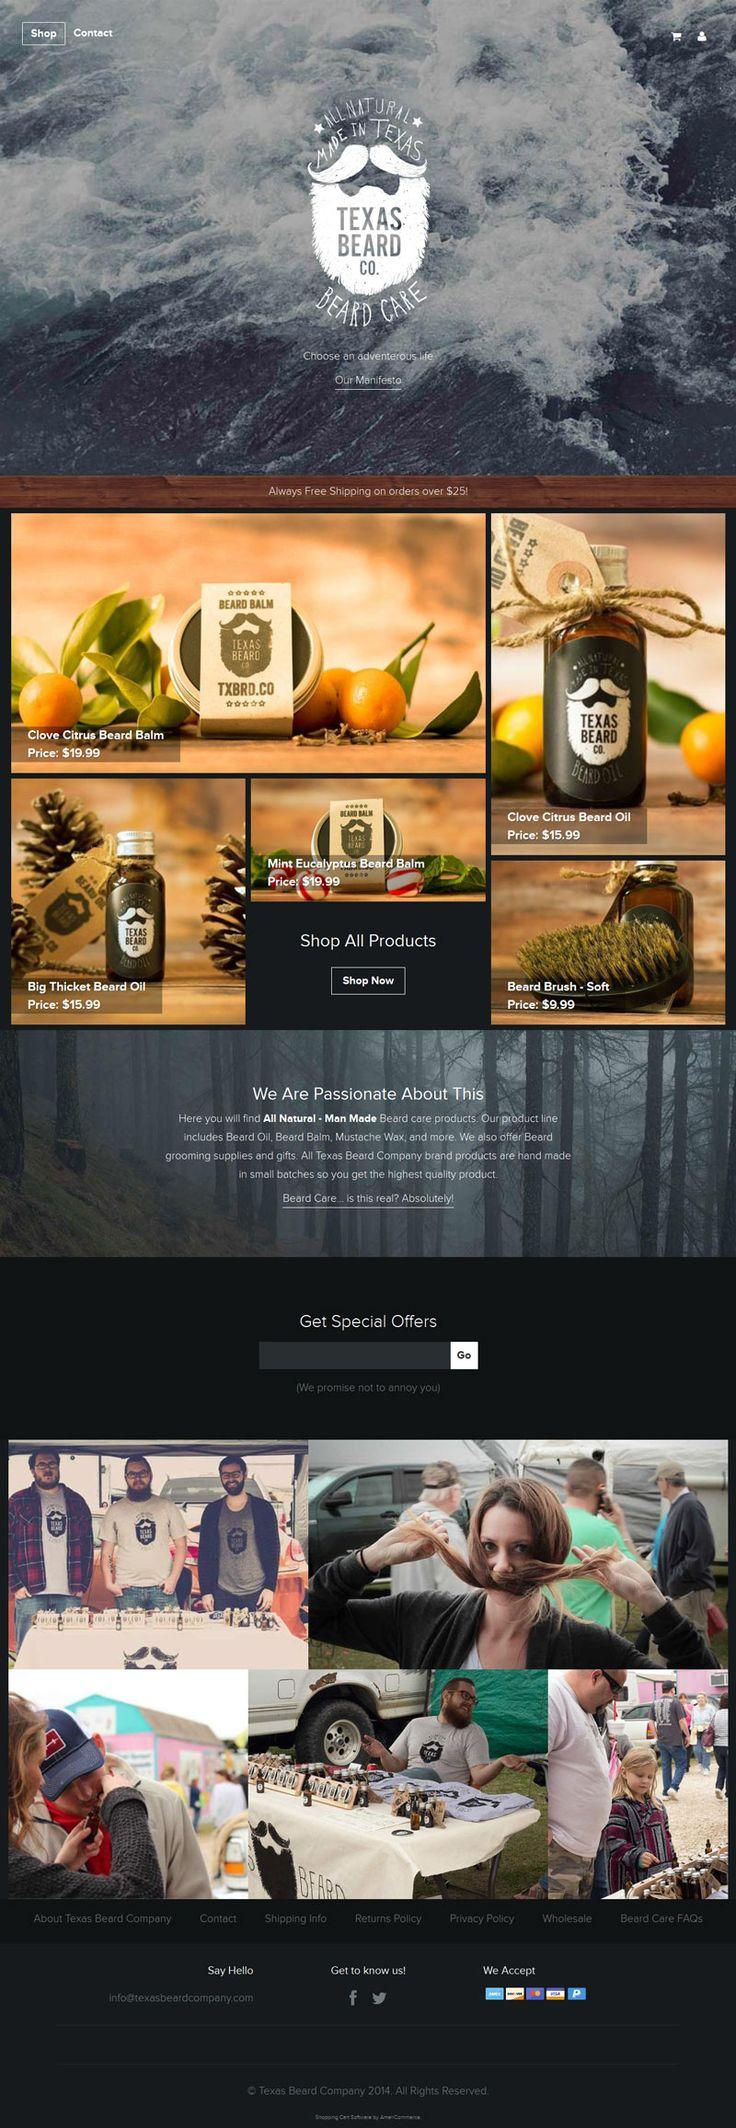 Cool Web Design on the Internet, Texas Beard Co. #webdesign #webdevelopment #website @ http://www.pinterest.com/alfredchong/web-design/